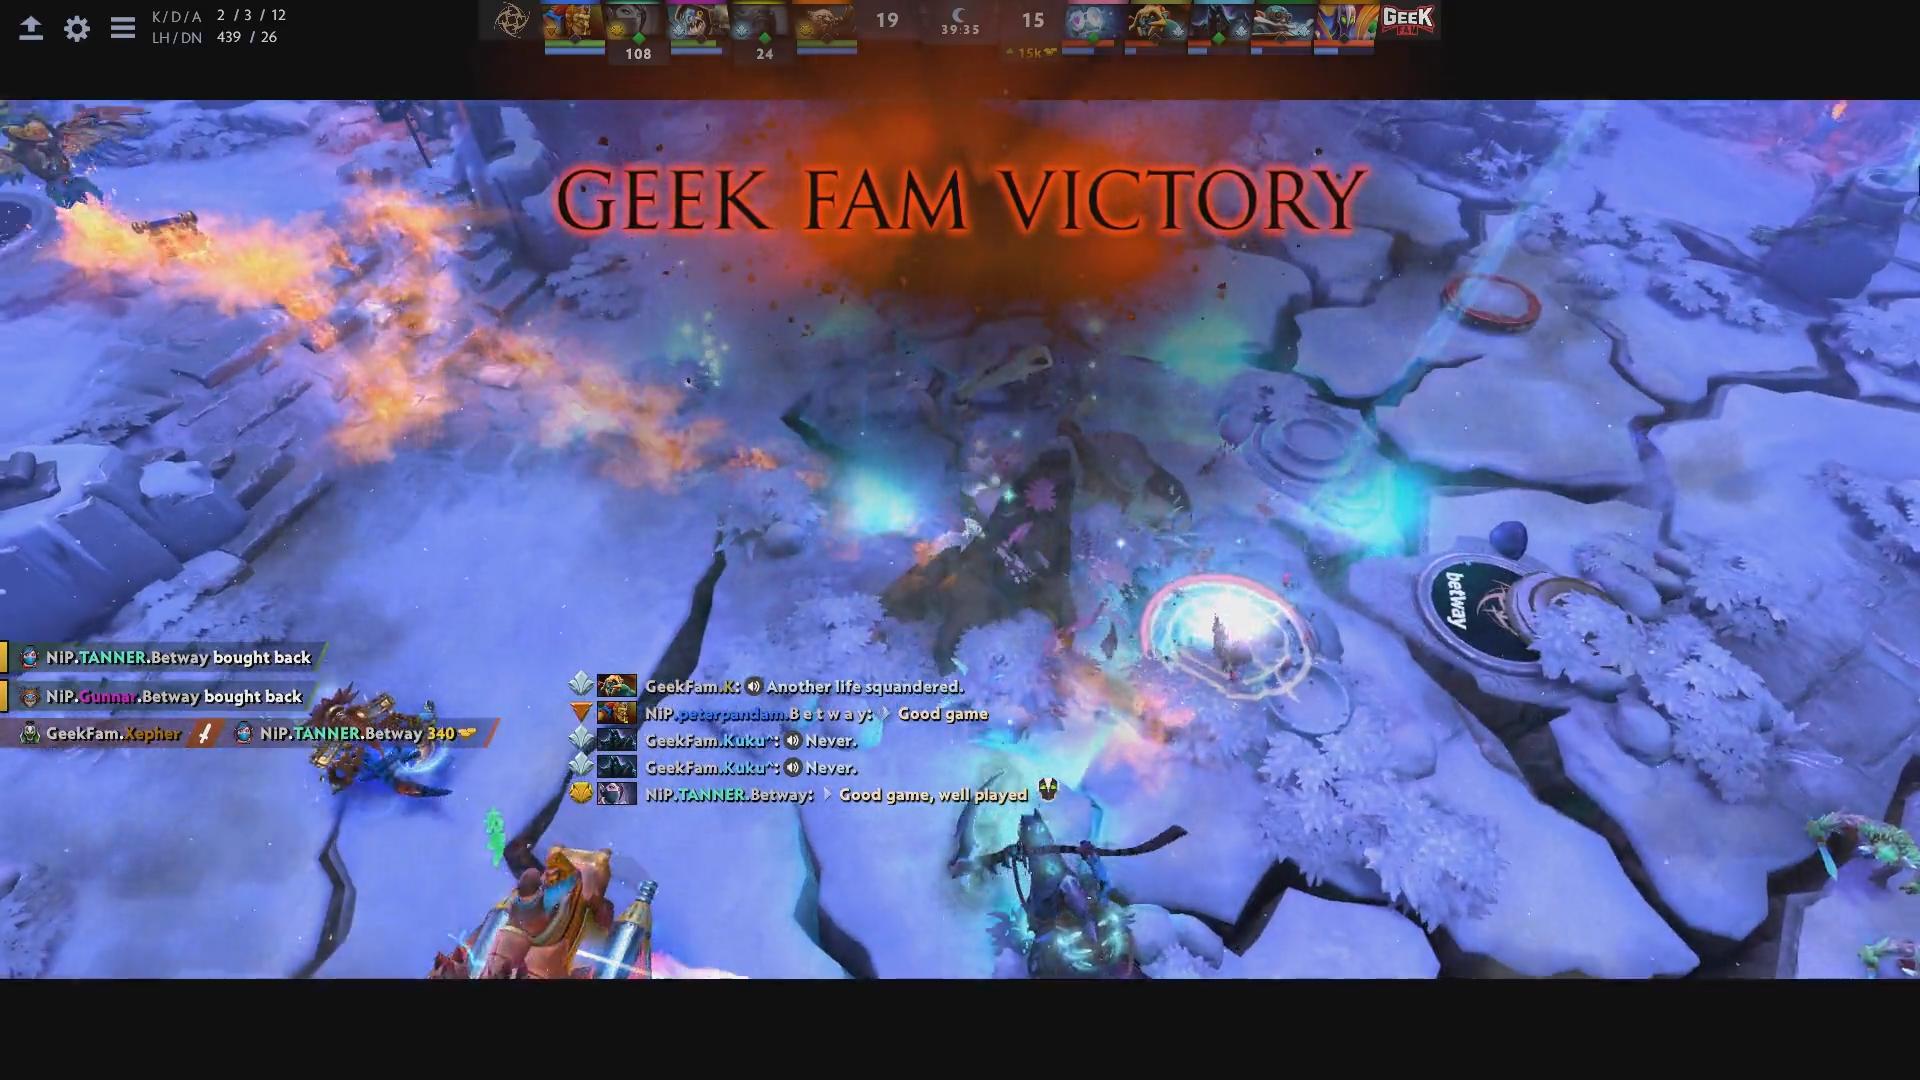 gf win g1 - Ra quân thất bại, cựu vương TI5 tự làm khó mình tại Bukovel Minor